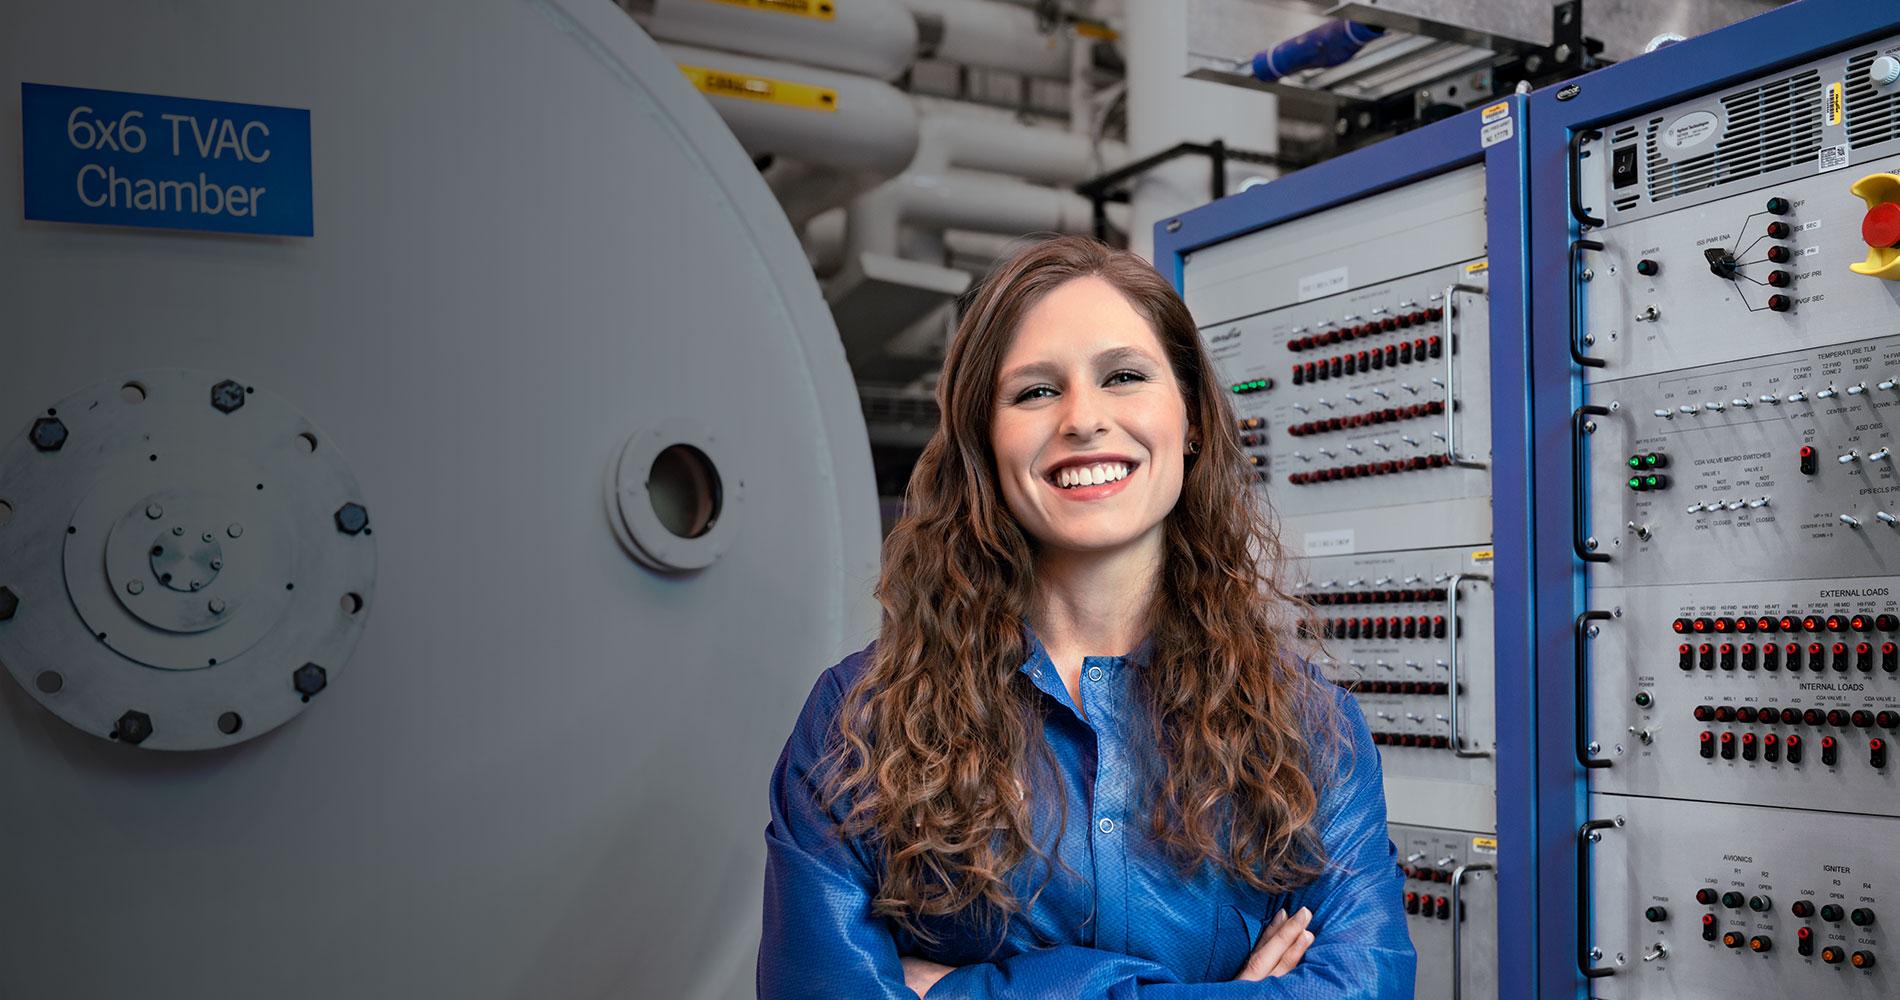 NOrthrop Grumman STEM women careers & jobs